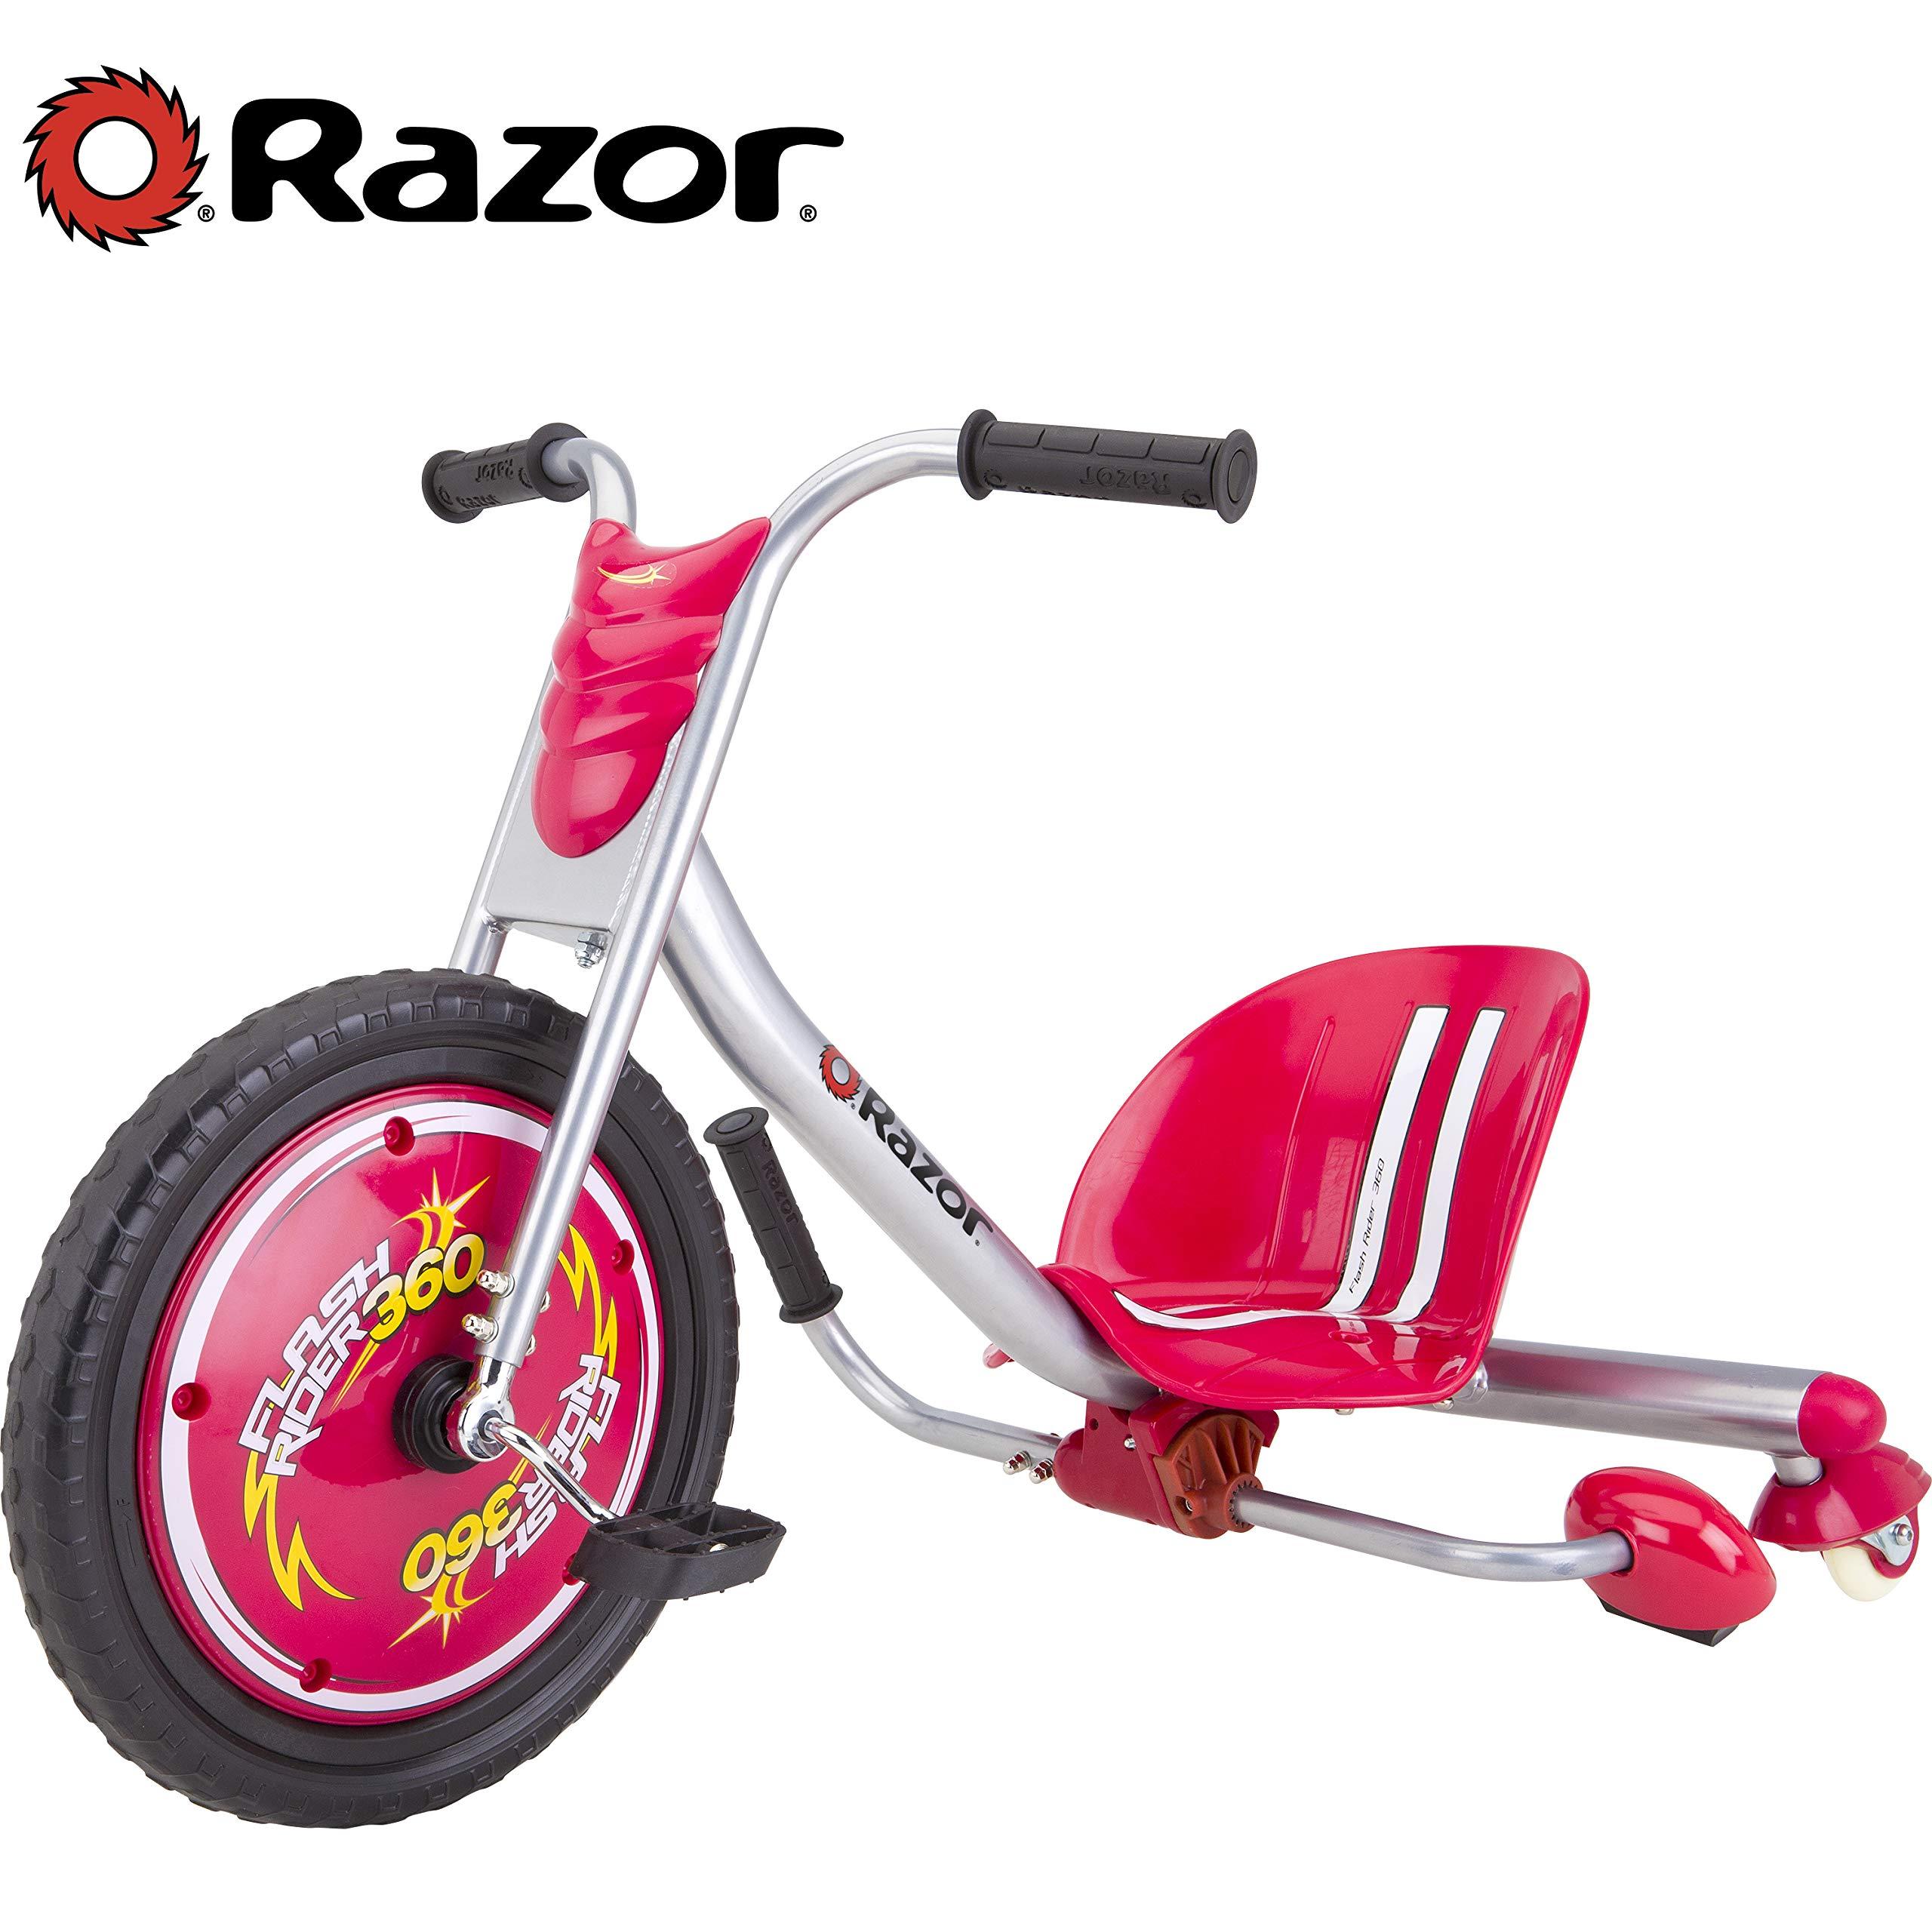 Razor FlashRider 360 Caster Trike - 20036560 by Razor